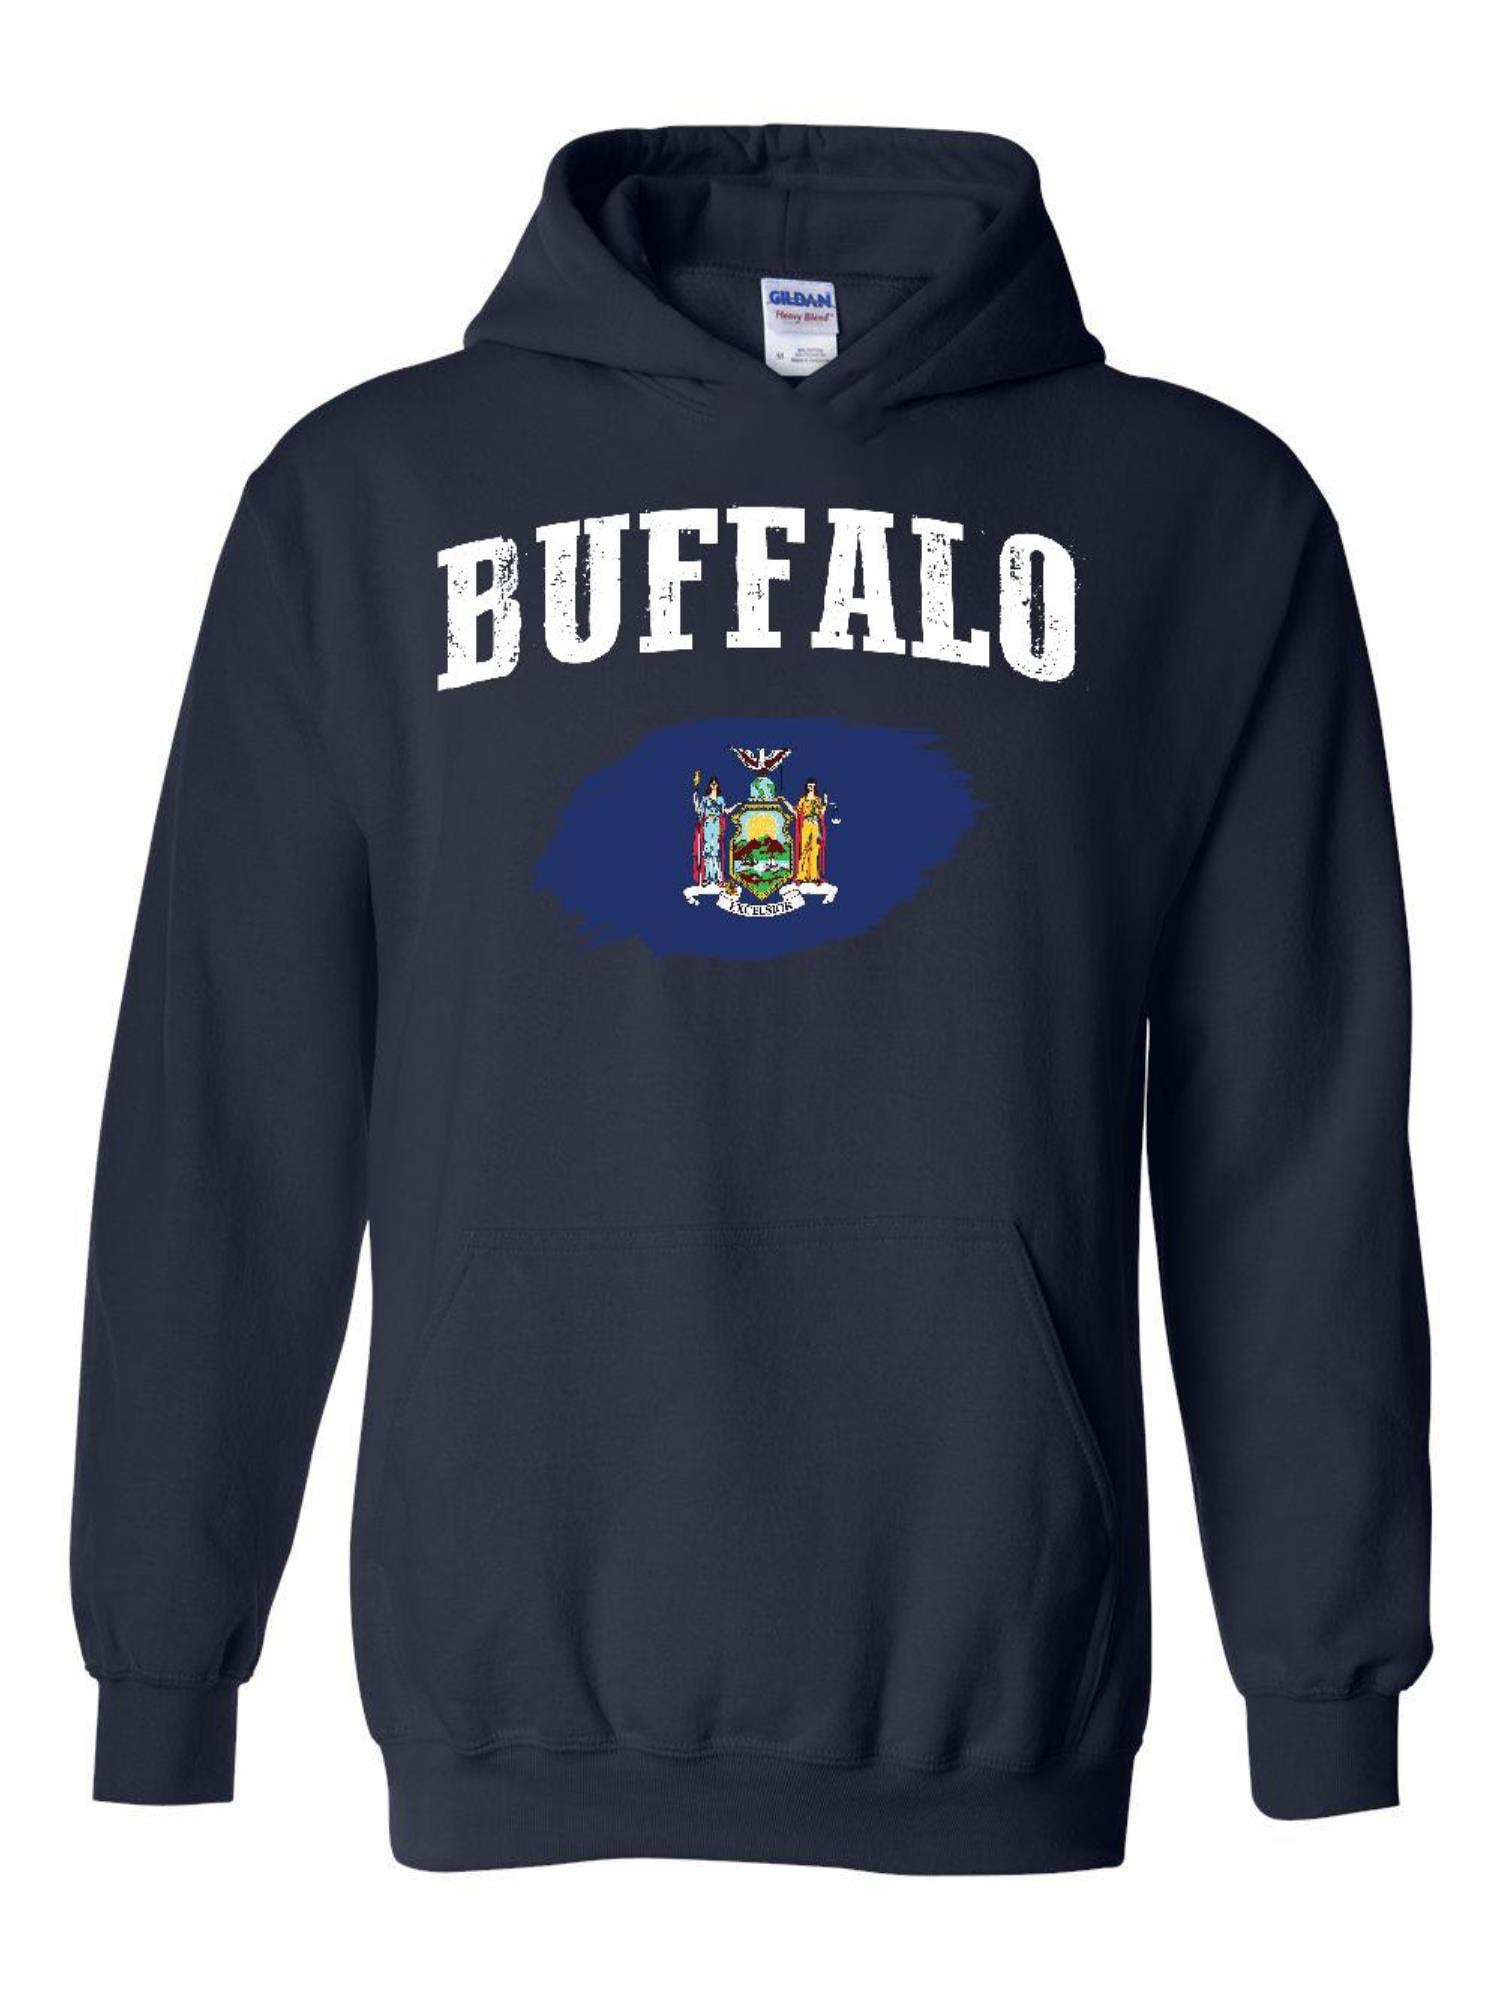 Buffaloo Unisex All Men Must Die TV Fan Sweatshirt